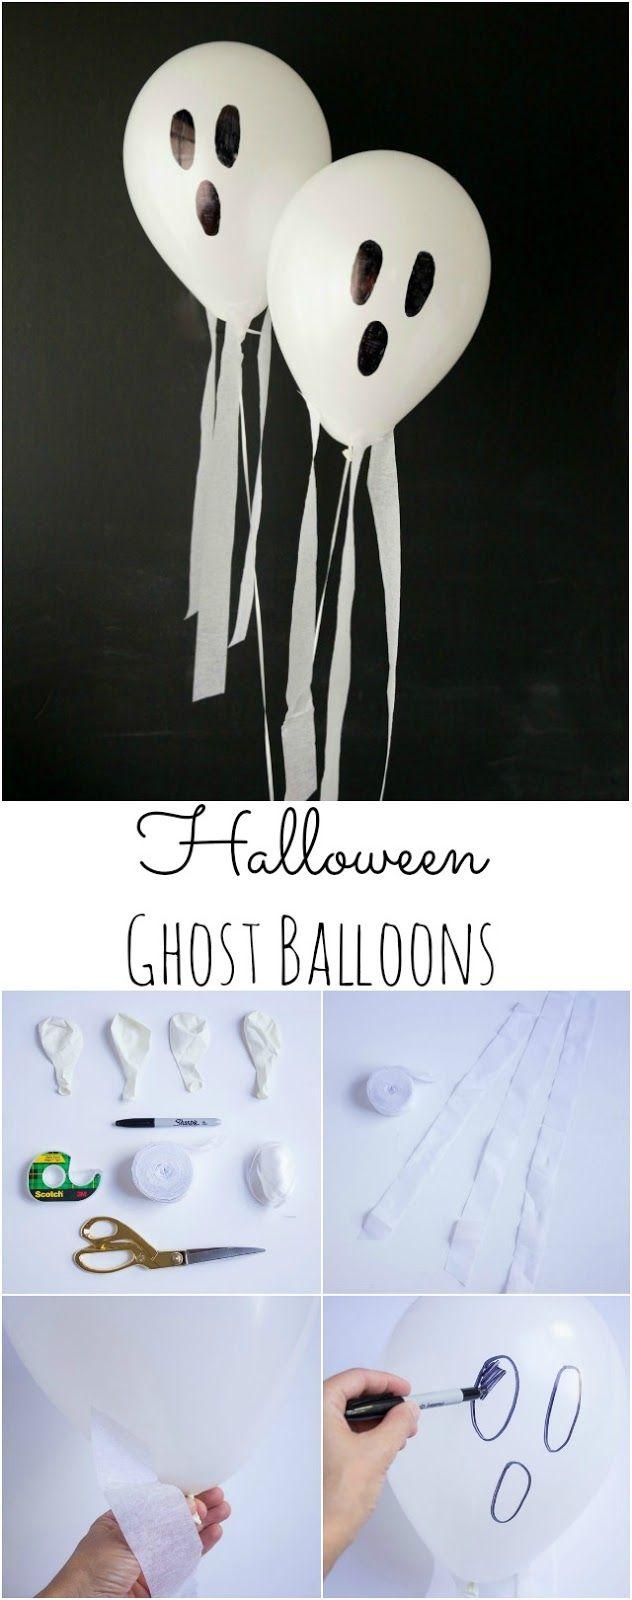 Halloween Ghost Balloons